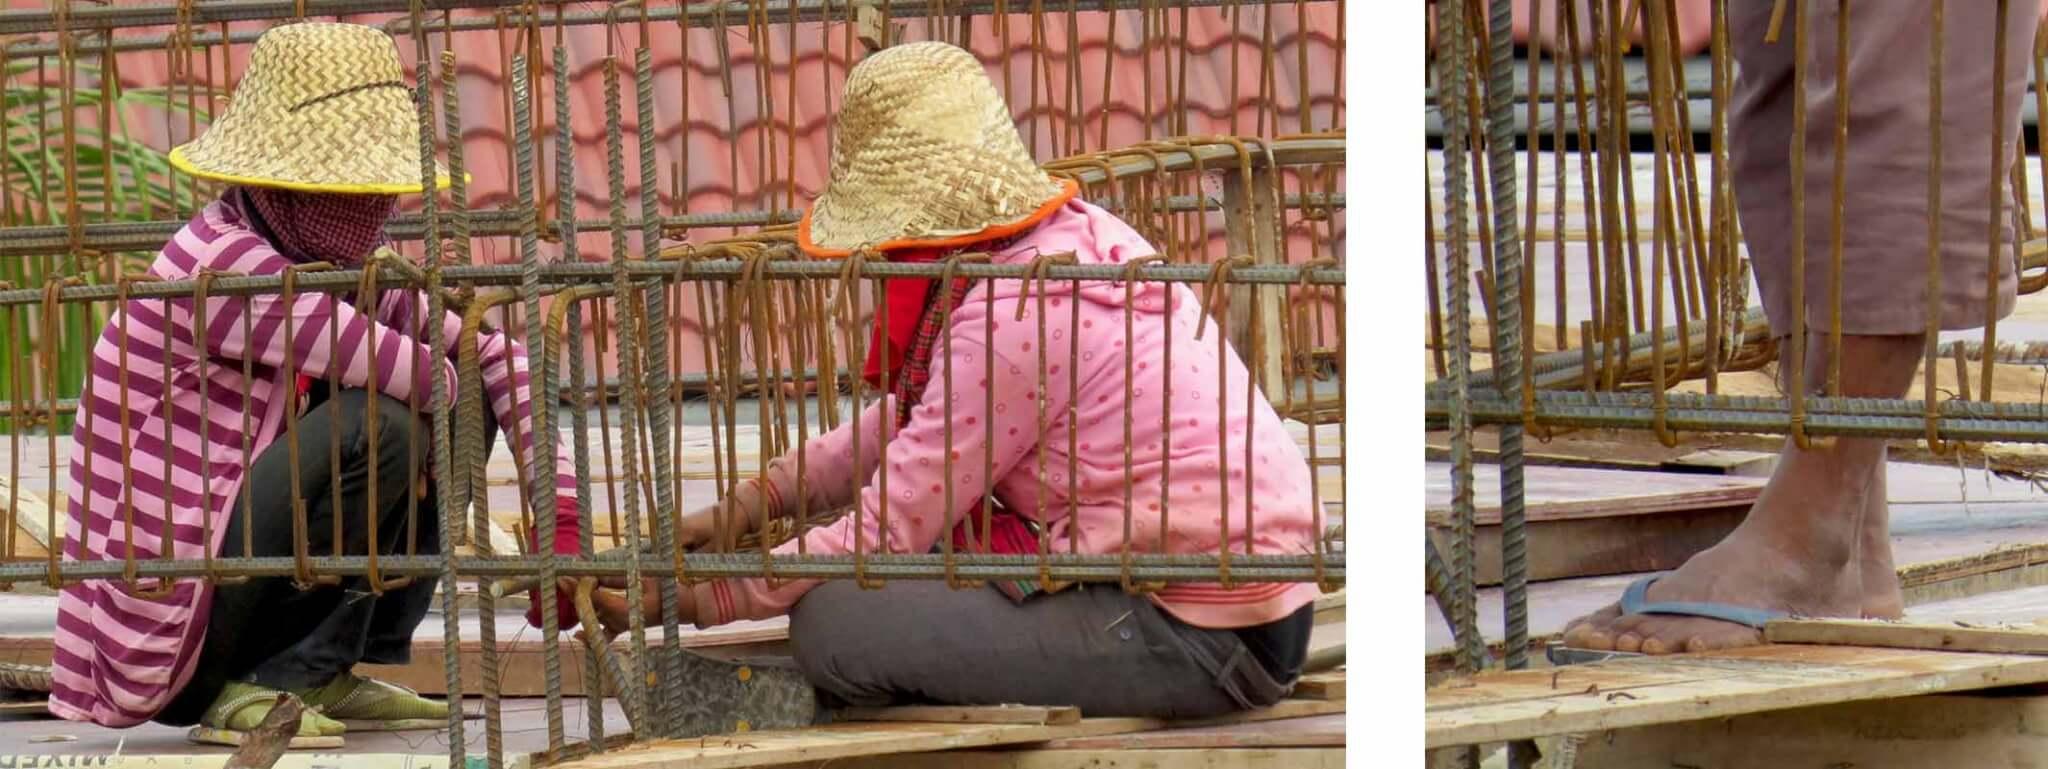 Hausbau, Bauarbeiter in Siem Reap